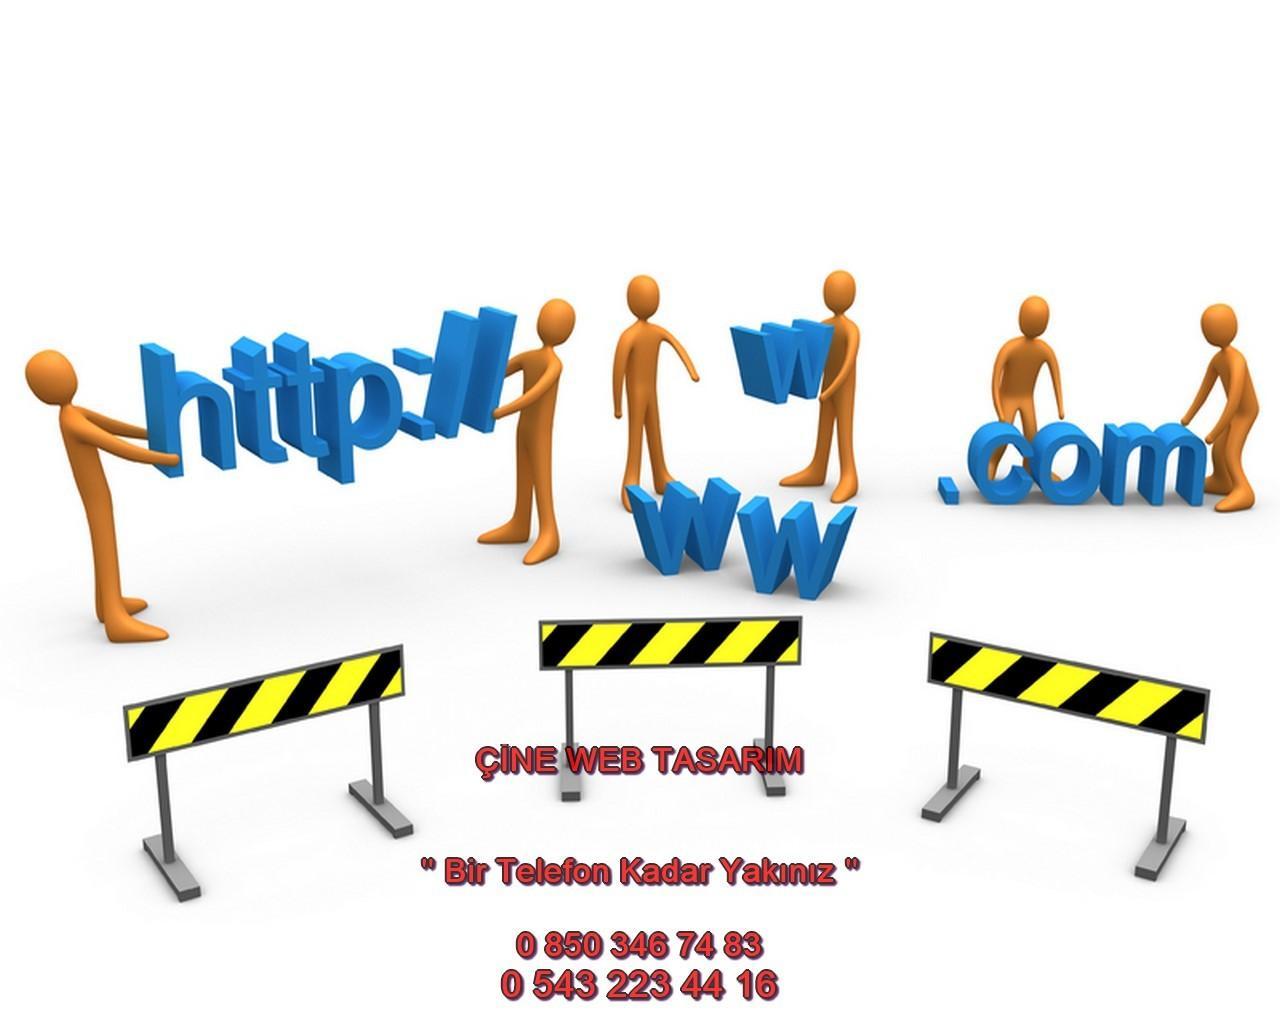 Çine Web Tasarım